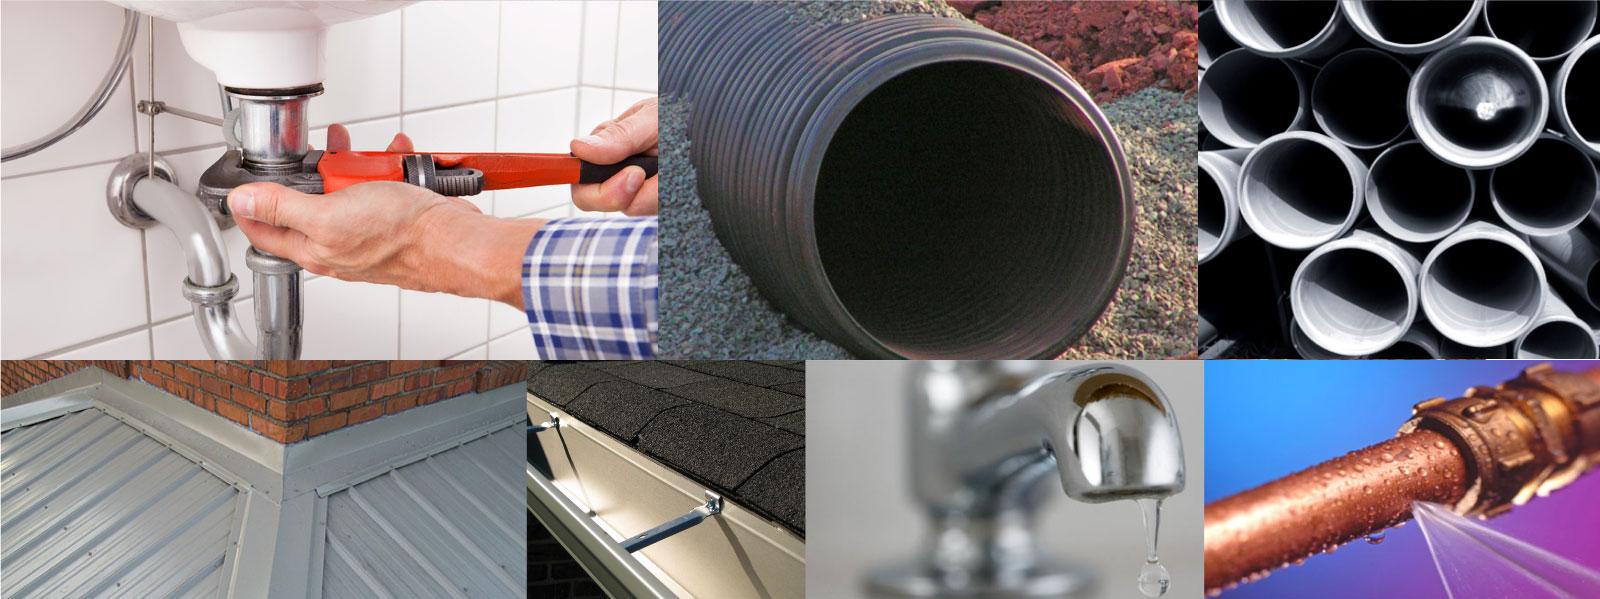 Classen Plumbers plumbing-header Plumbing Services Services